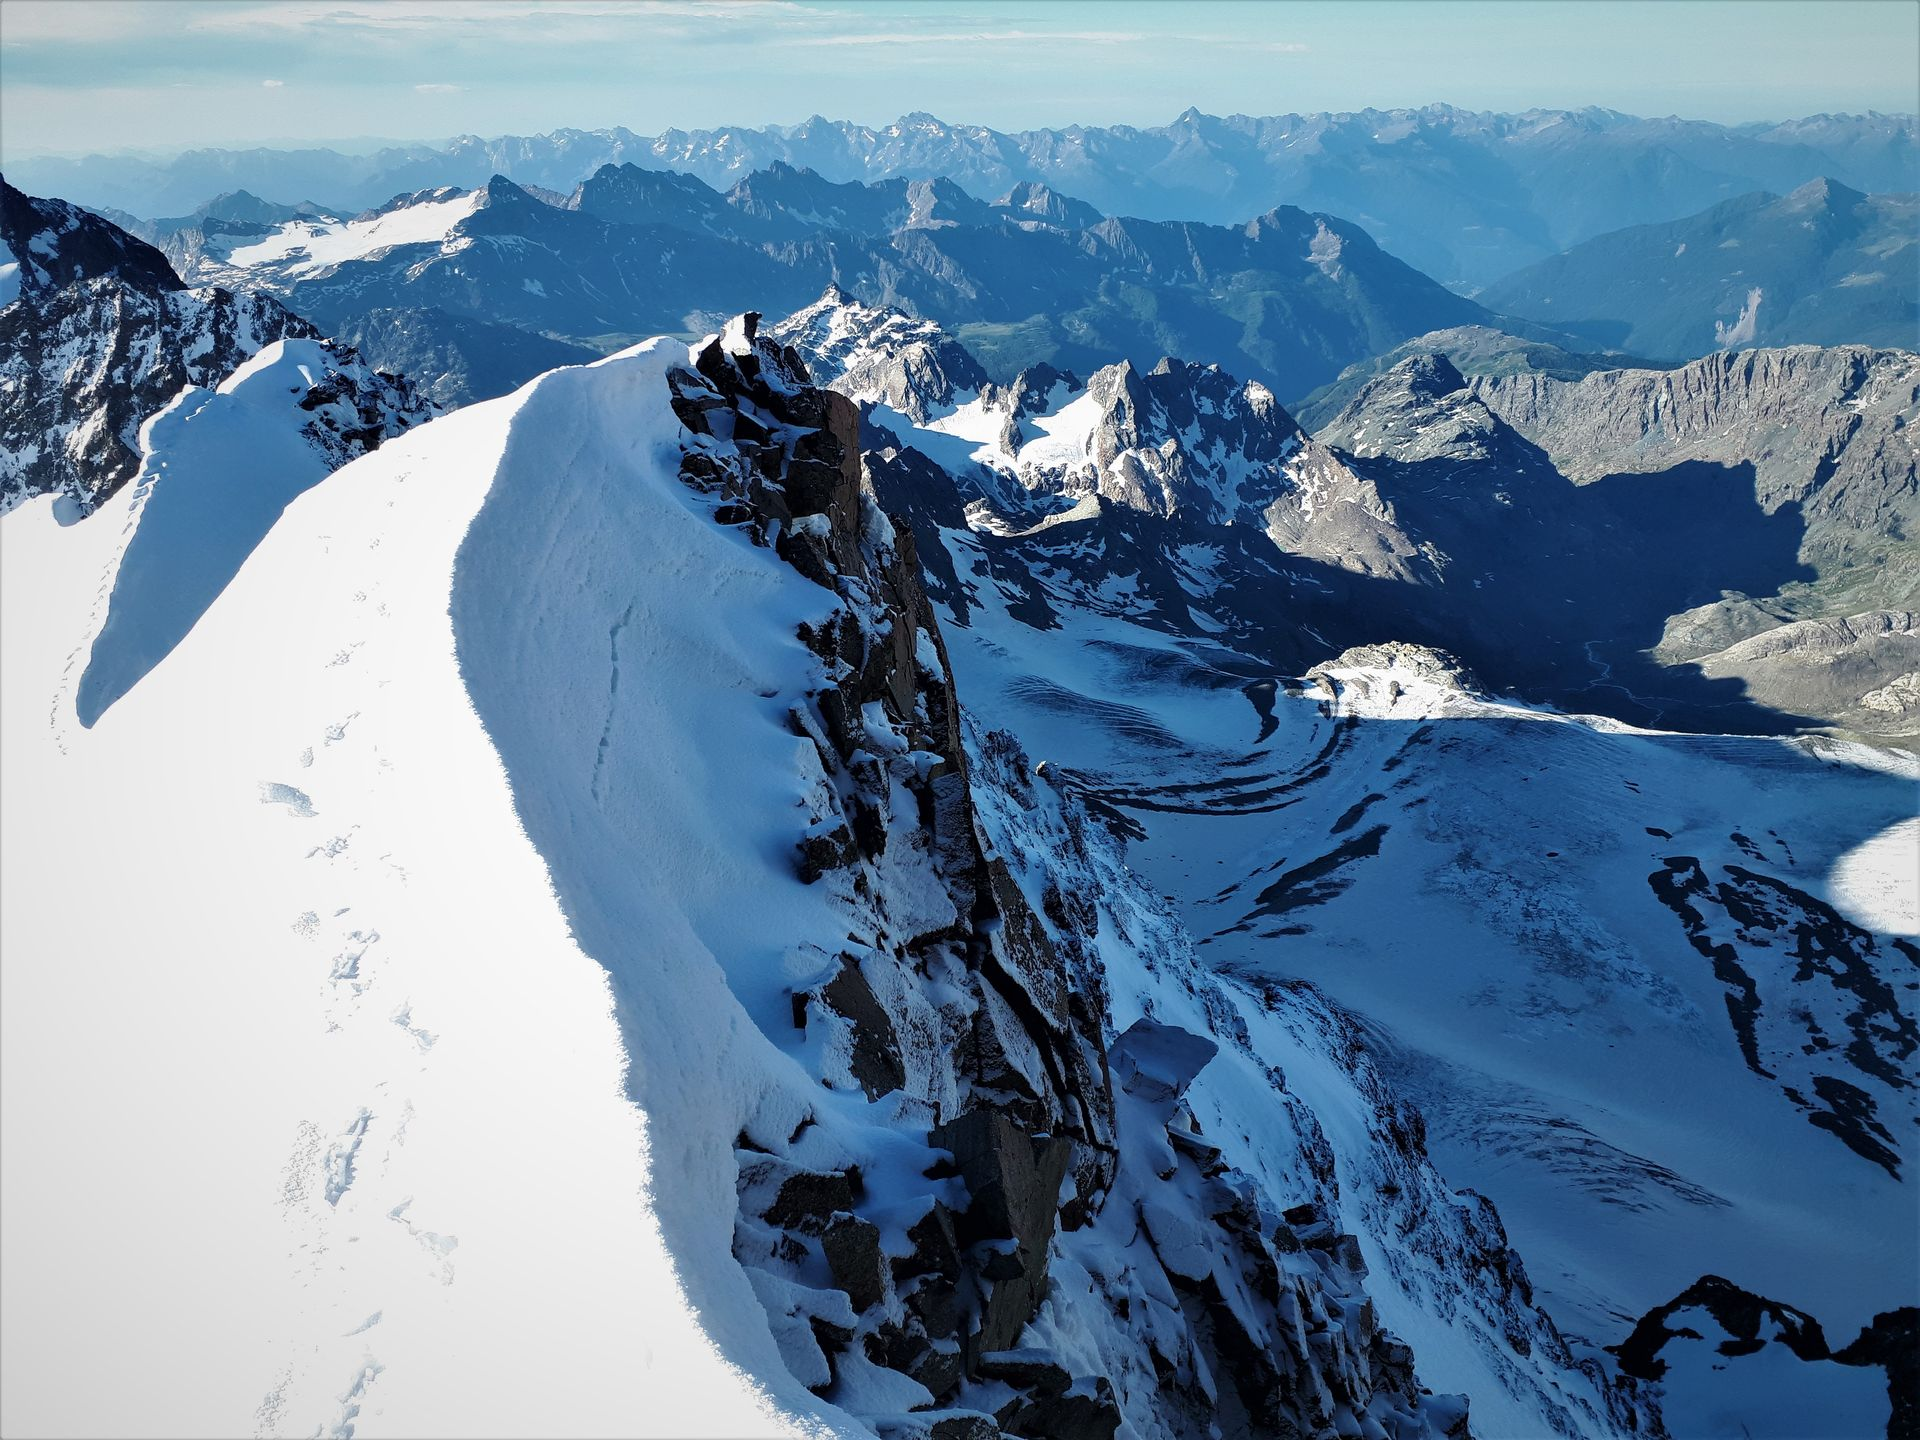 Sulla via normale, verso la cima italiana del Pizzo Bernina